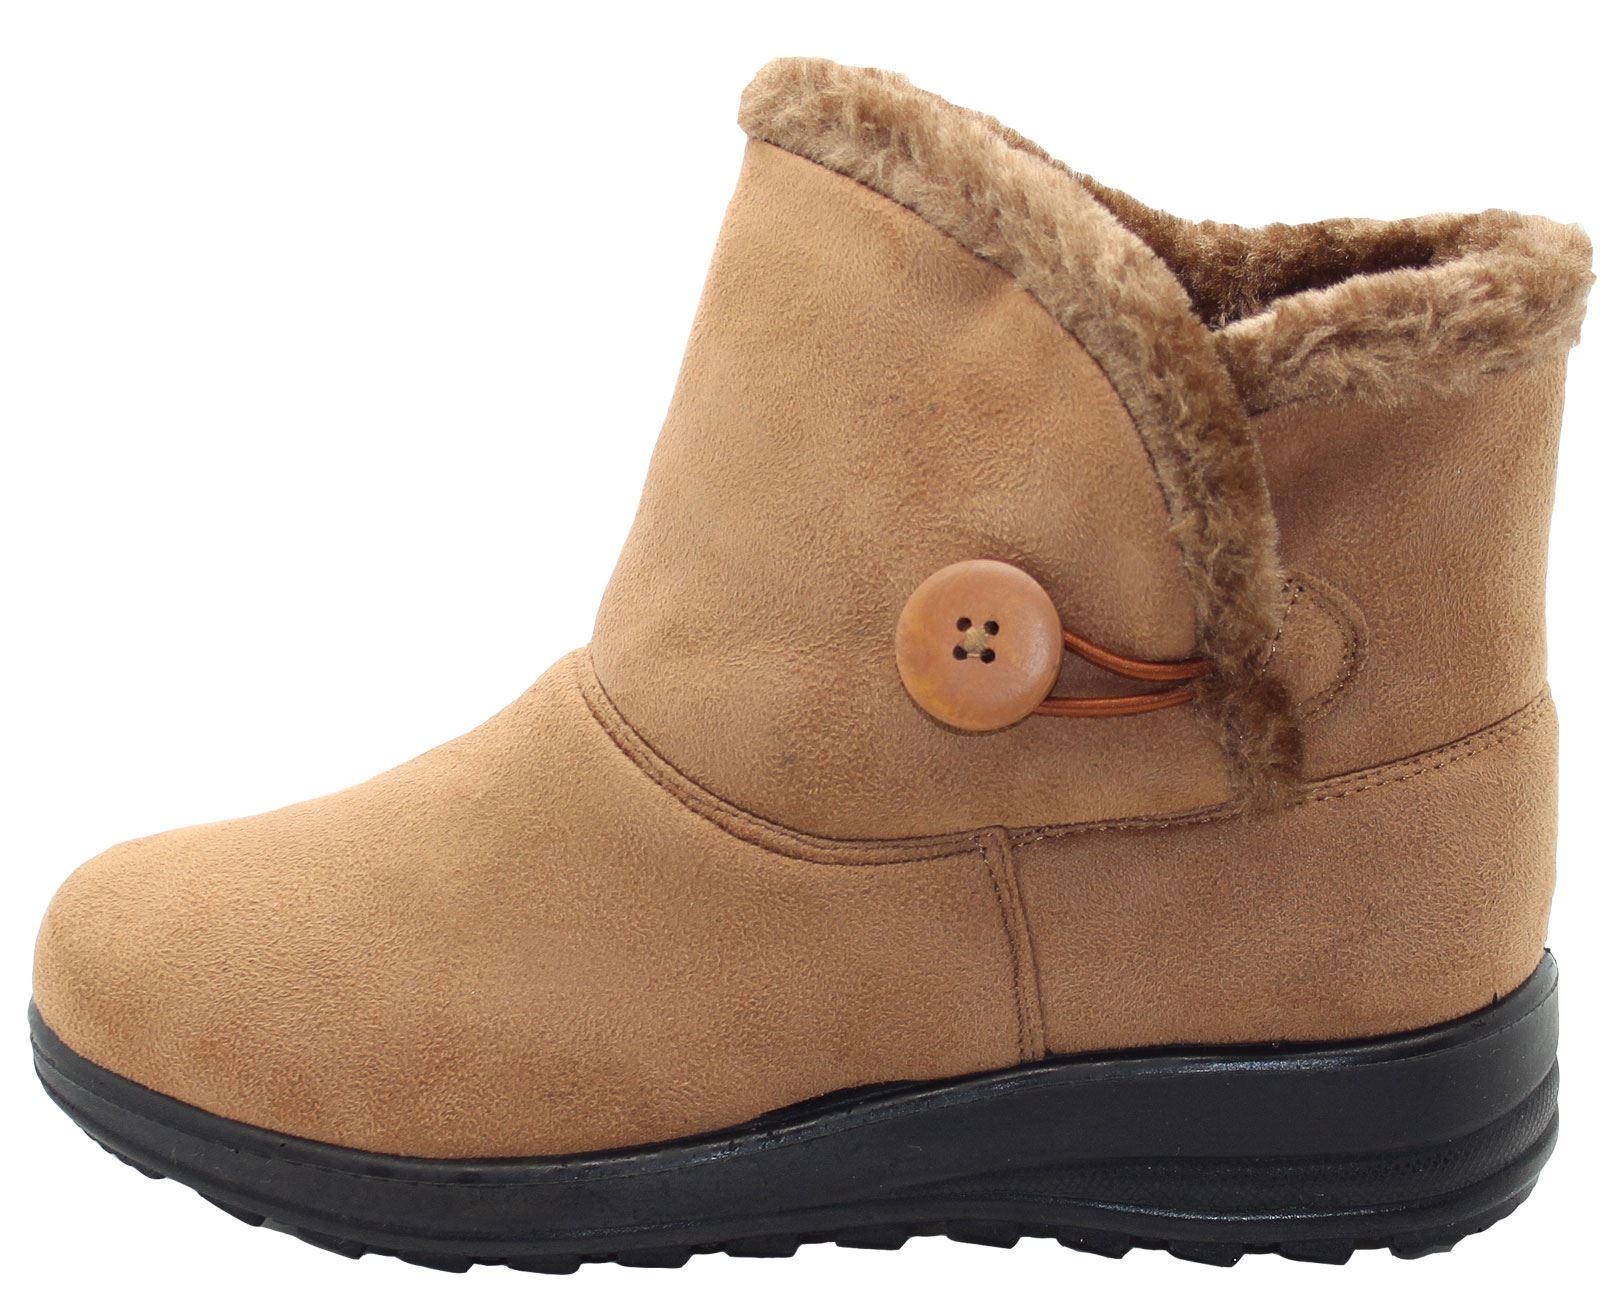 2bd4e1e8c92 Details about Women Winter Ankle Boots Ladies Flat Fur Boots Comfy Snug  Warm Snow Shoes UK